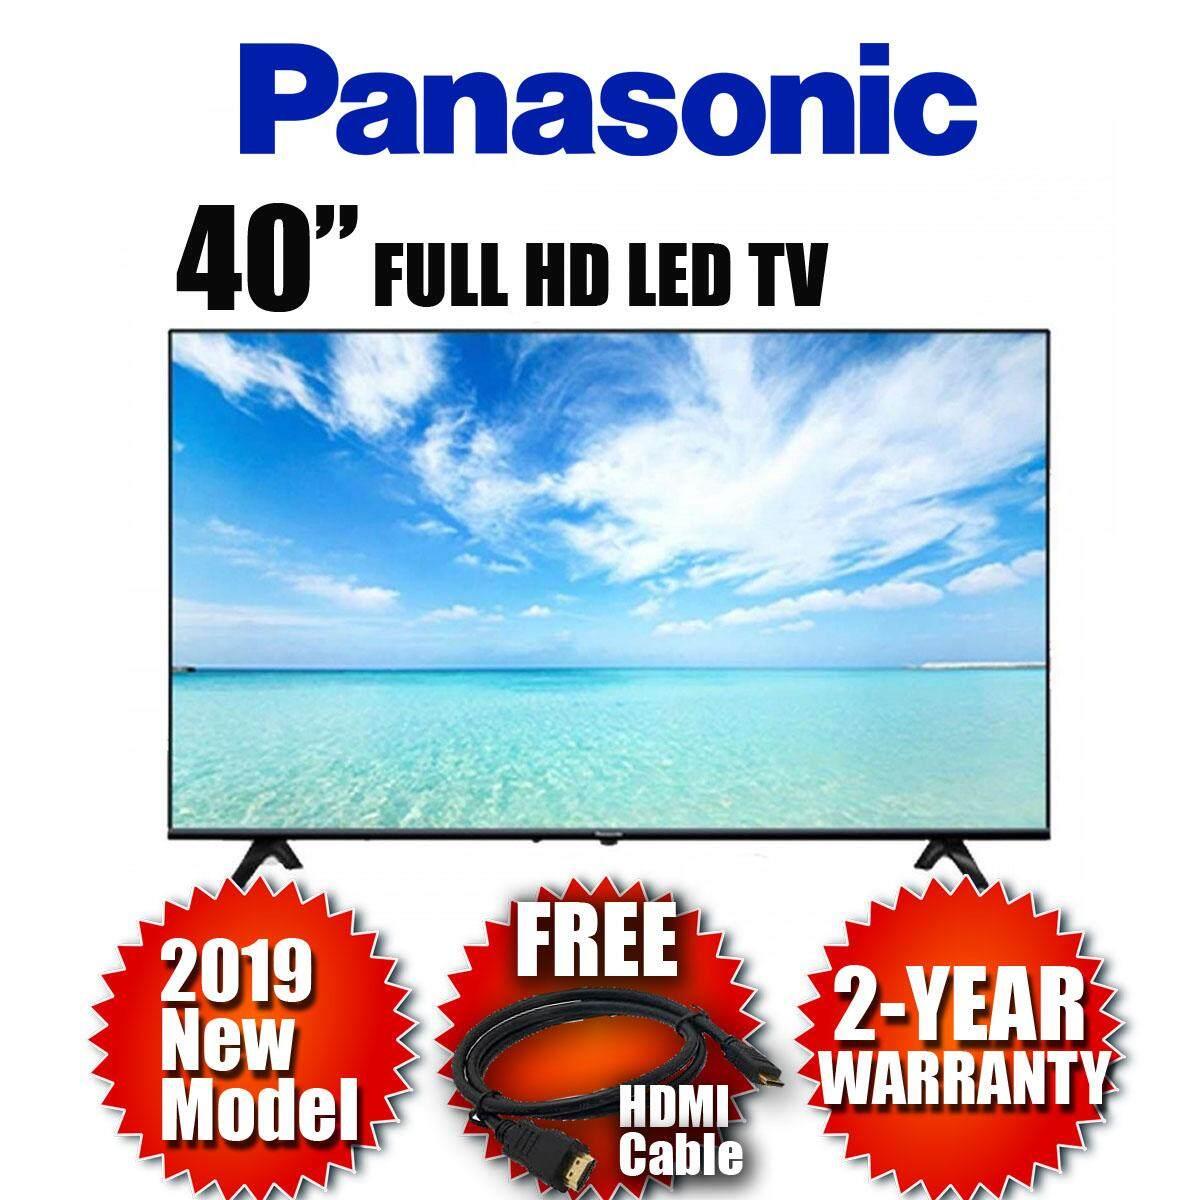 [2019 MODEL] PANASONIC 40 FULL HD LED TV TH-40G300K (FREE HDMI CABLE)